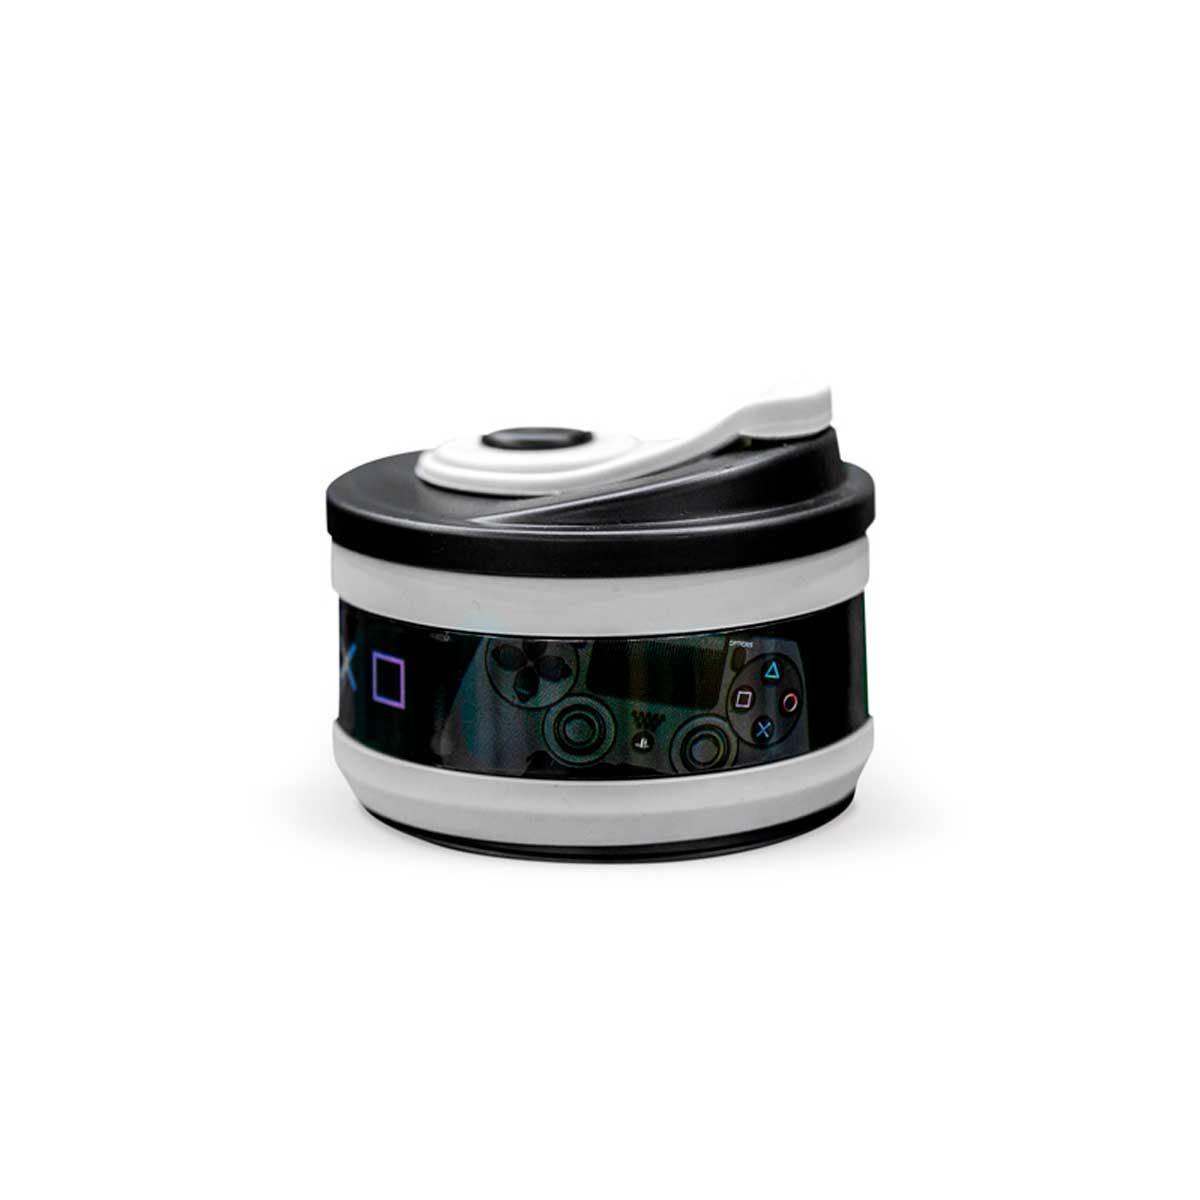 Copo Retrátil Dobrável de Silicone Playstation Cinza - Presente Super